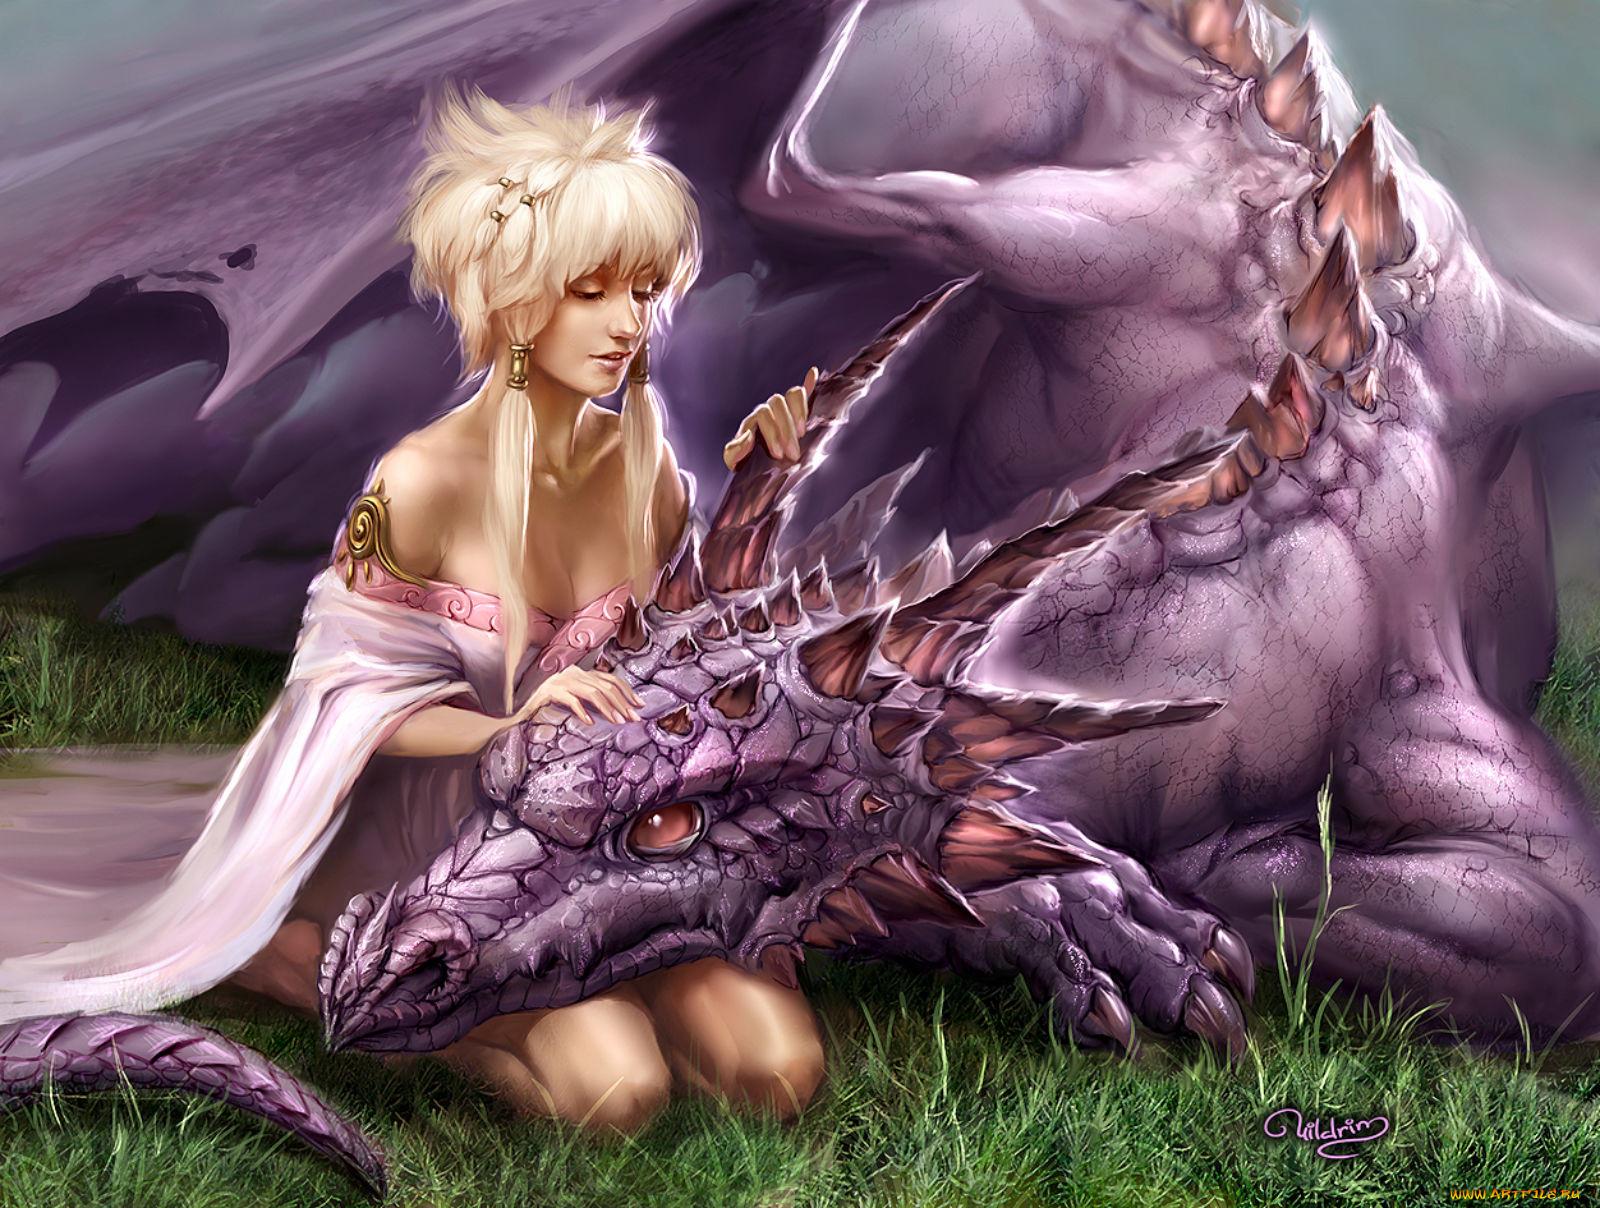 нет фэнтези дракон смотреть картинки что поднимаю такую